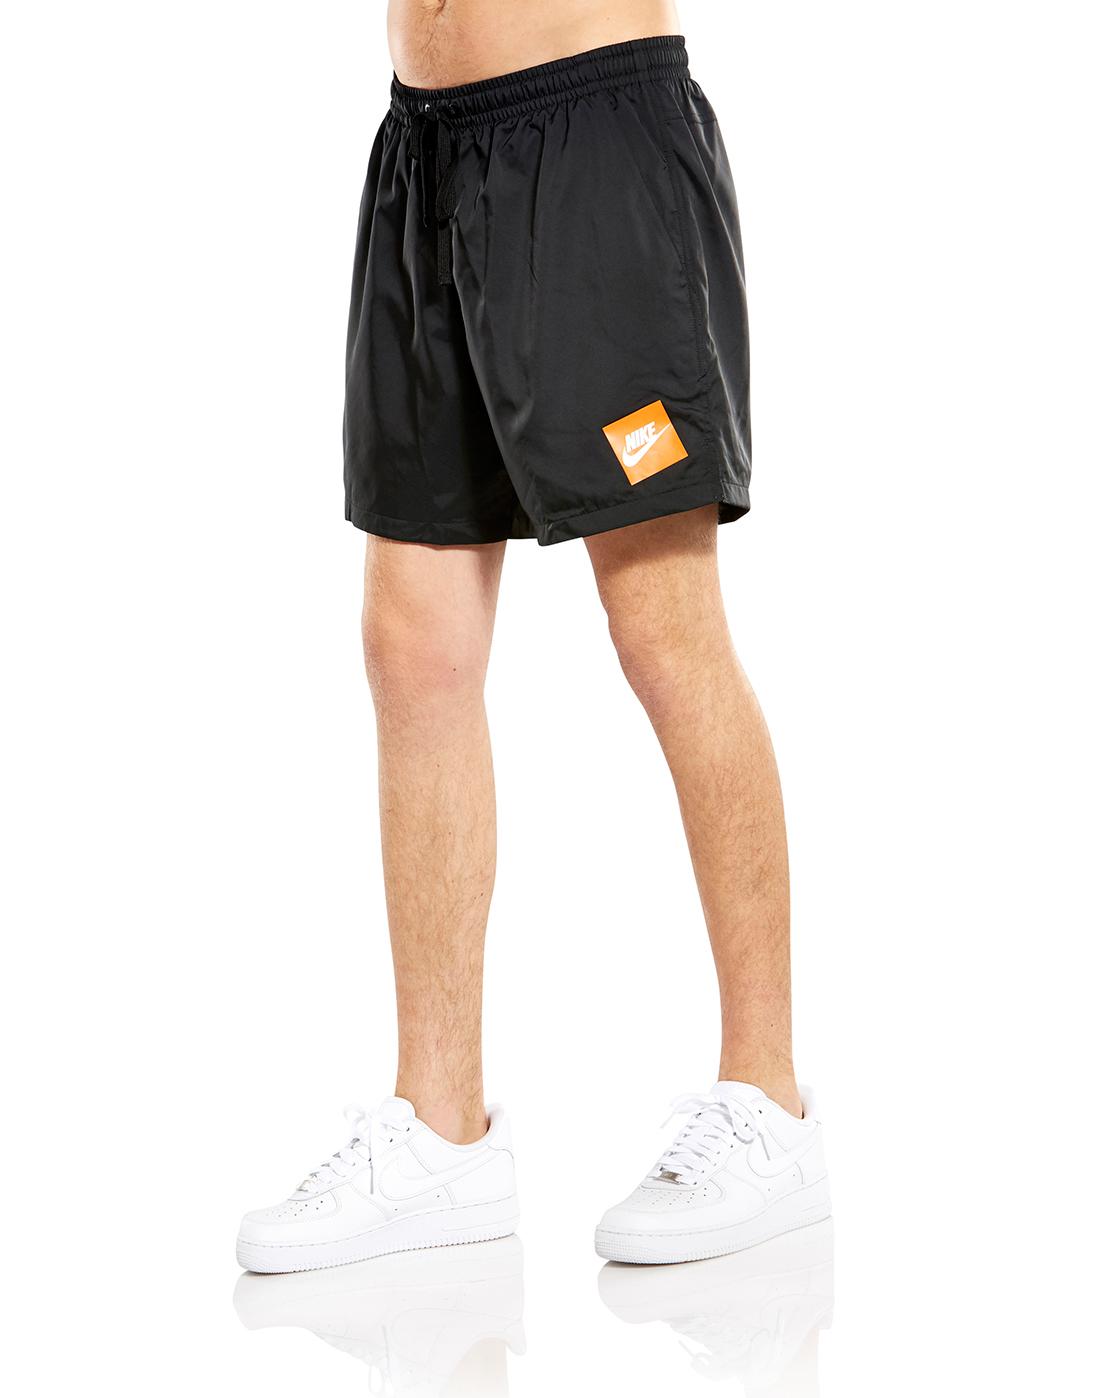 332935c8e0d Men's Black & Orange Nike Shorts | Life Style Sports